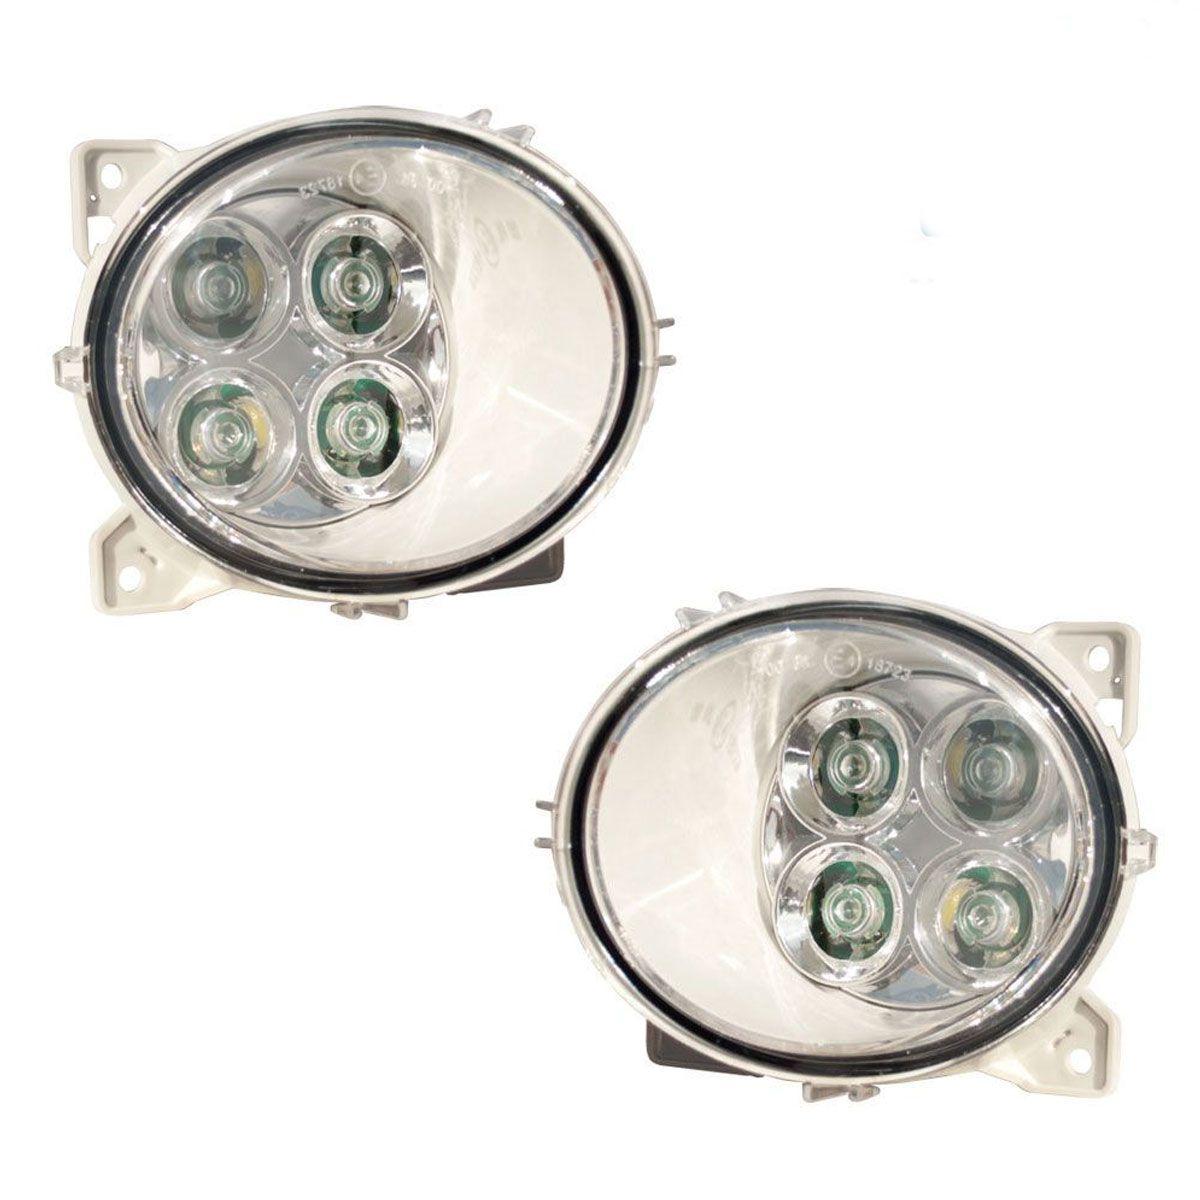 Par Farol auxiliar Externo em LED Compatível com caminhões Scania S5 S6 2080689 2080688